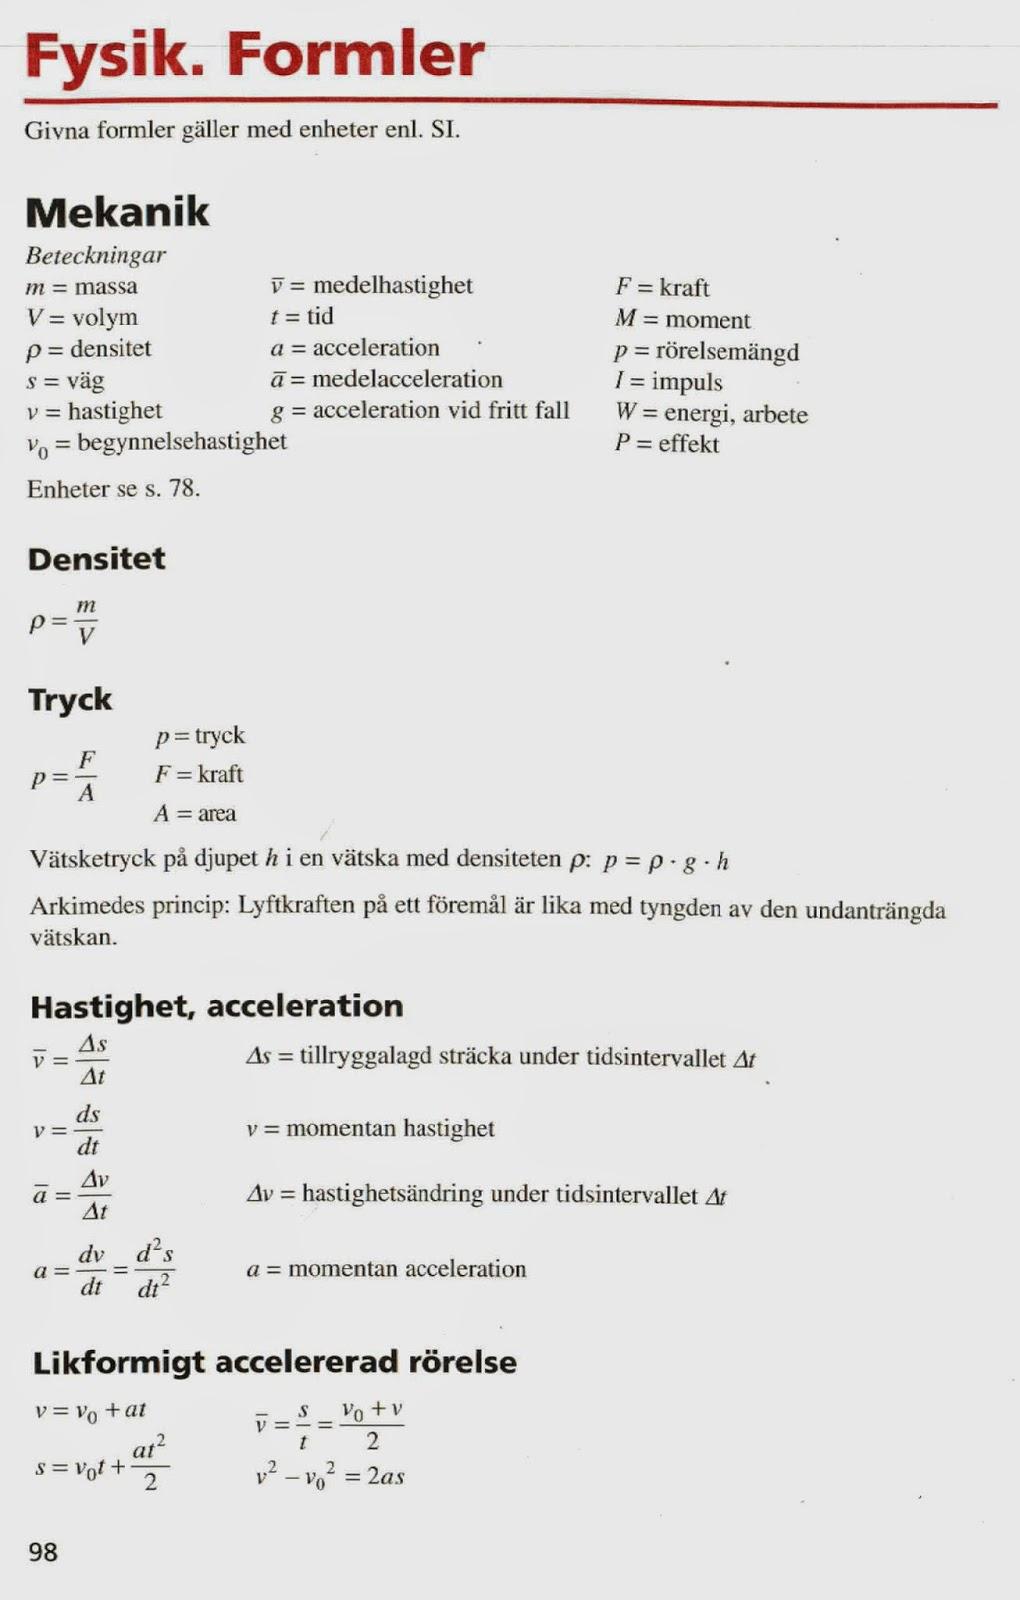 fysik formelsamling a